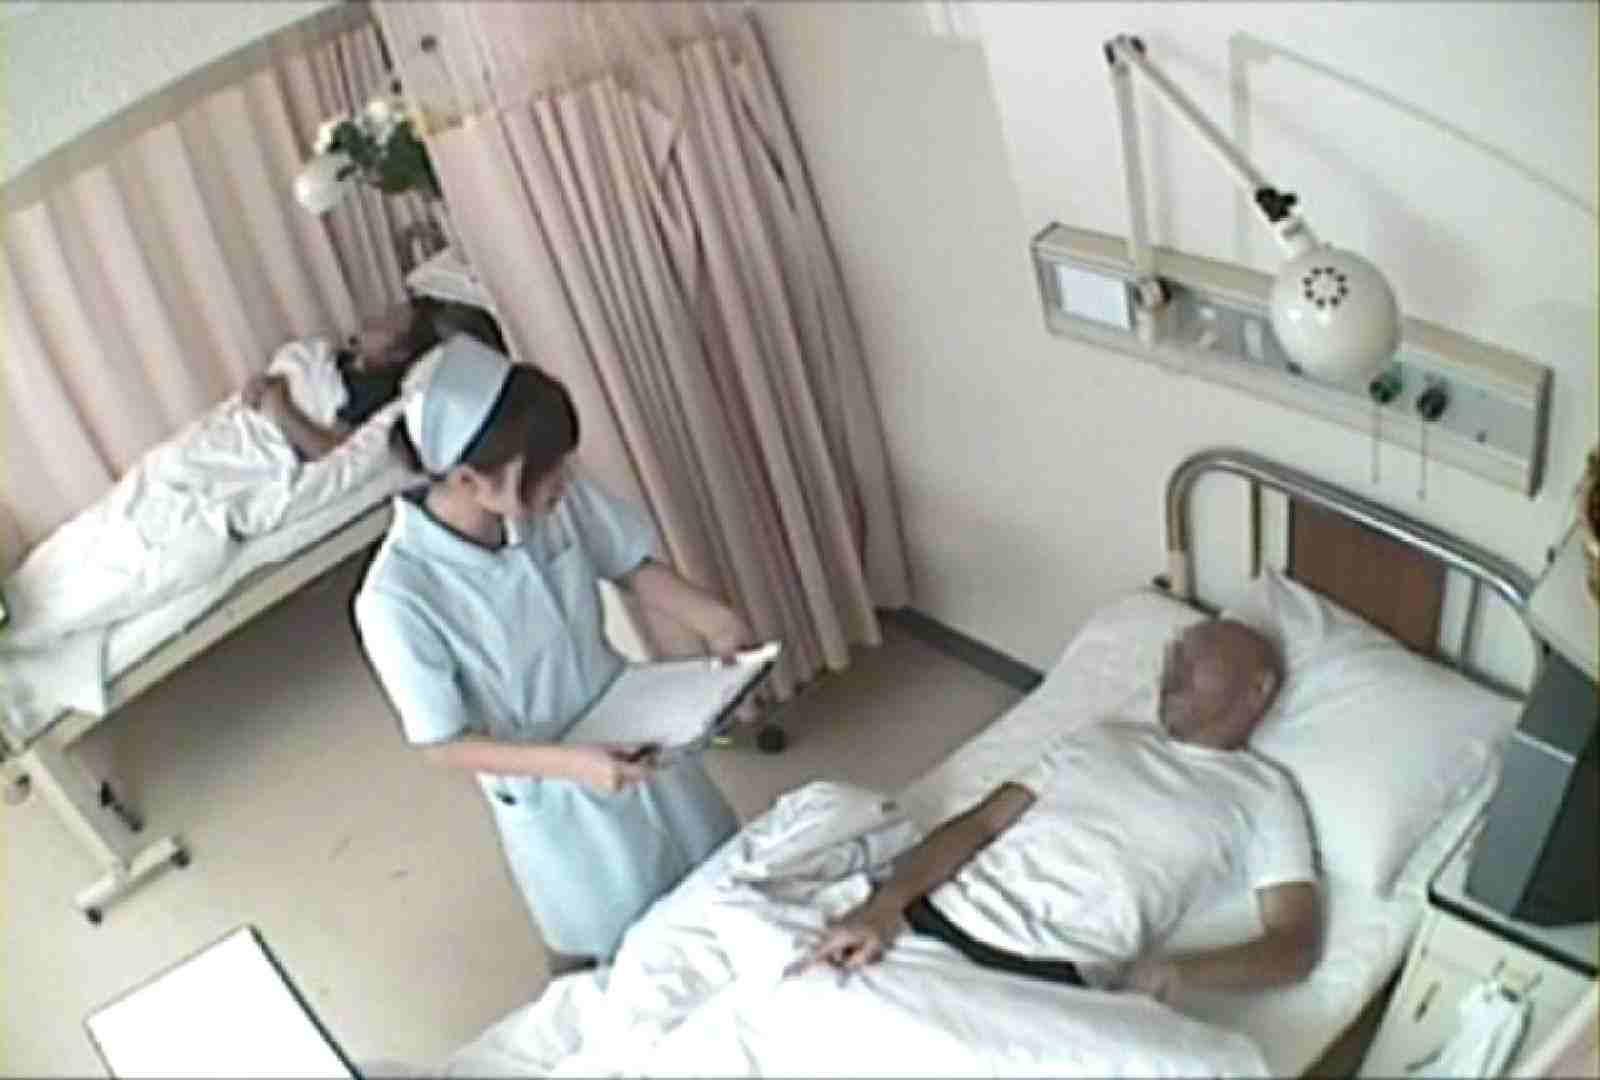 絶対に逝ってはいけない寸止め病棟Vol.2 エロティックなOL | ワルノリ  97画像 1